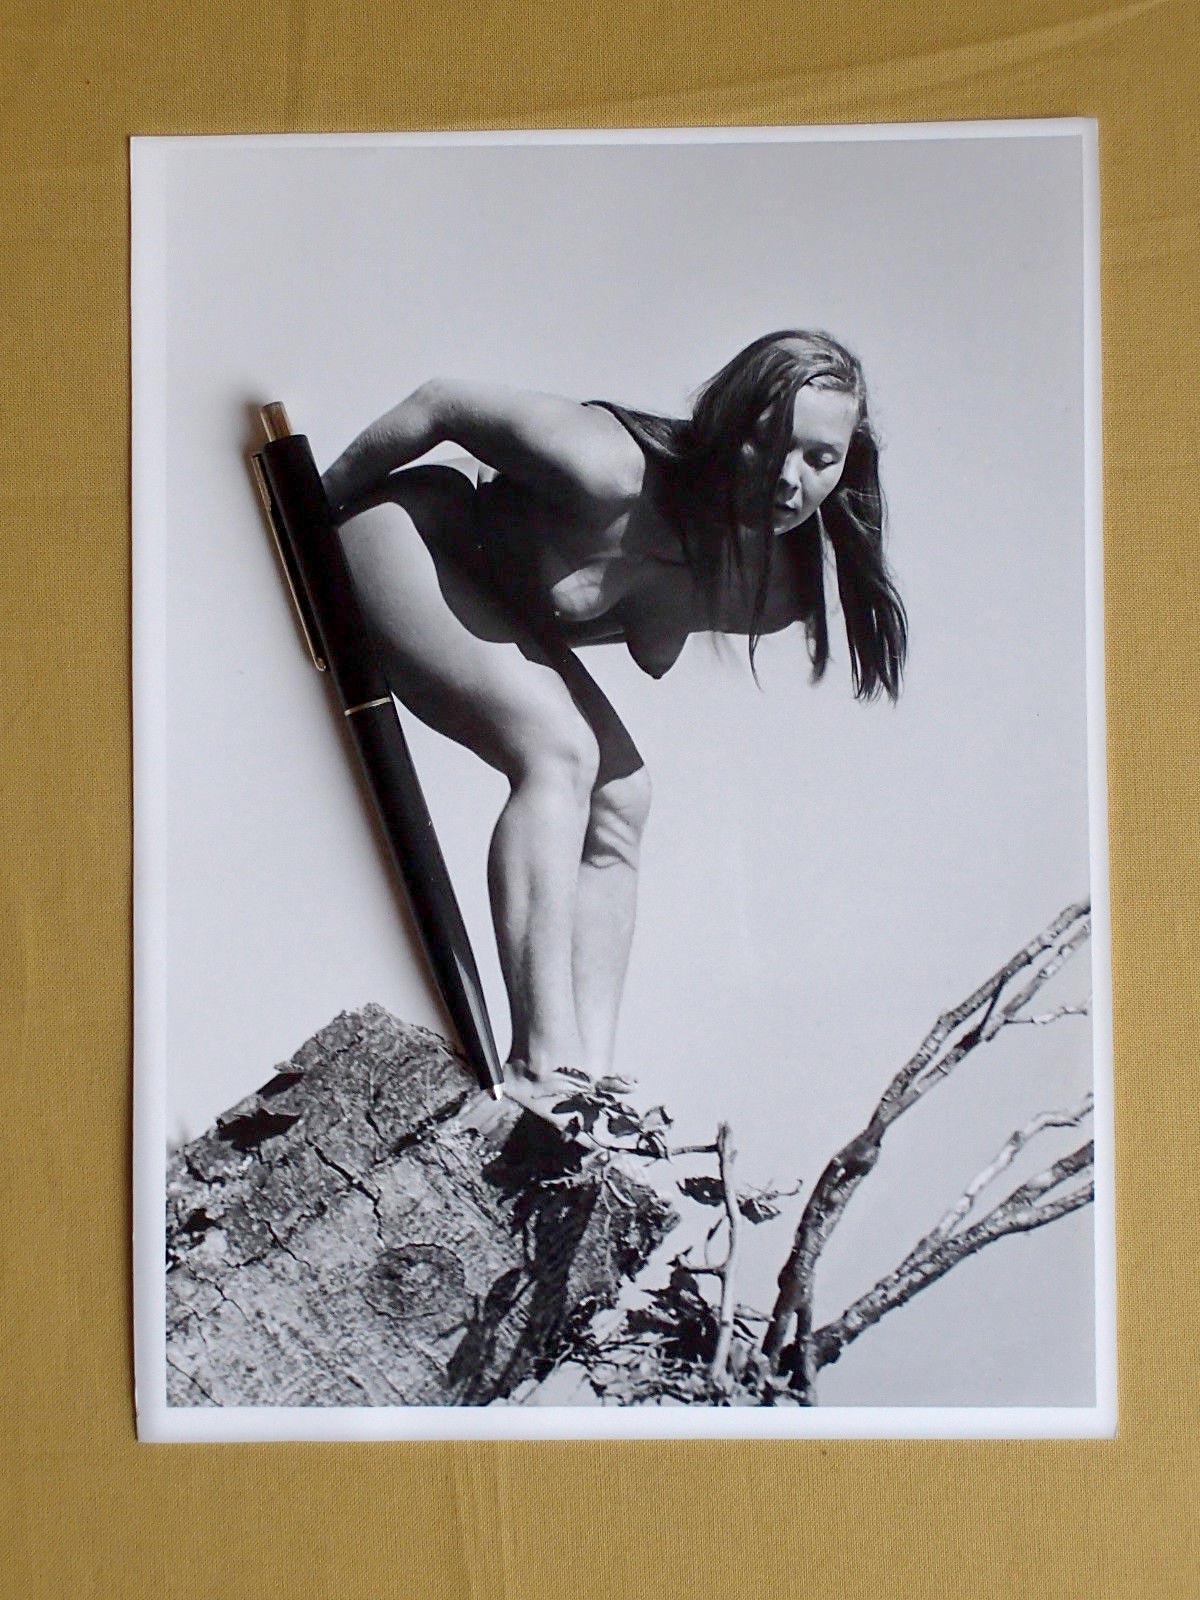 dostliev black pen 09 - <b>36 аматорських фотографій чорної ручки.</b> Андрій Достлєв — в «Рівні цензури» - Заборона